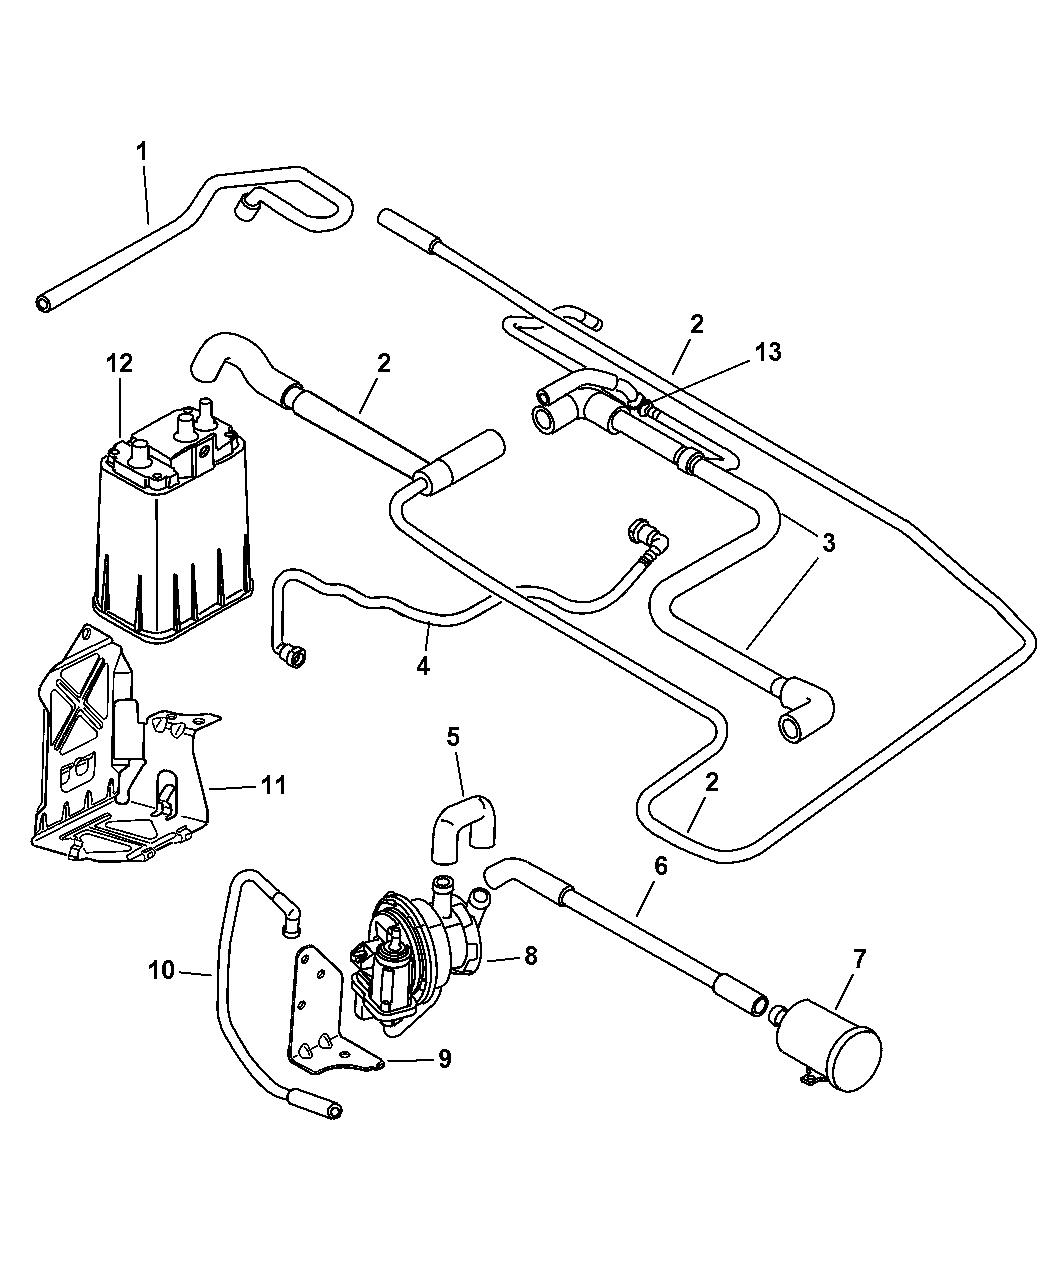 2003 Chrysler Pt Cruiser Vapor Canister Leak Detection Pump 2 4 Turbo Engine Wiring Diagram